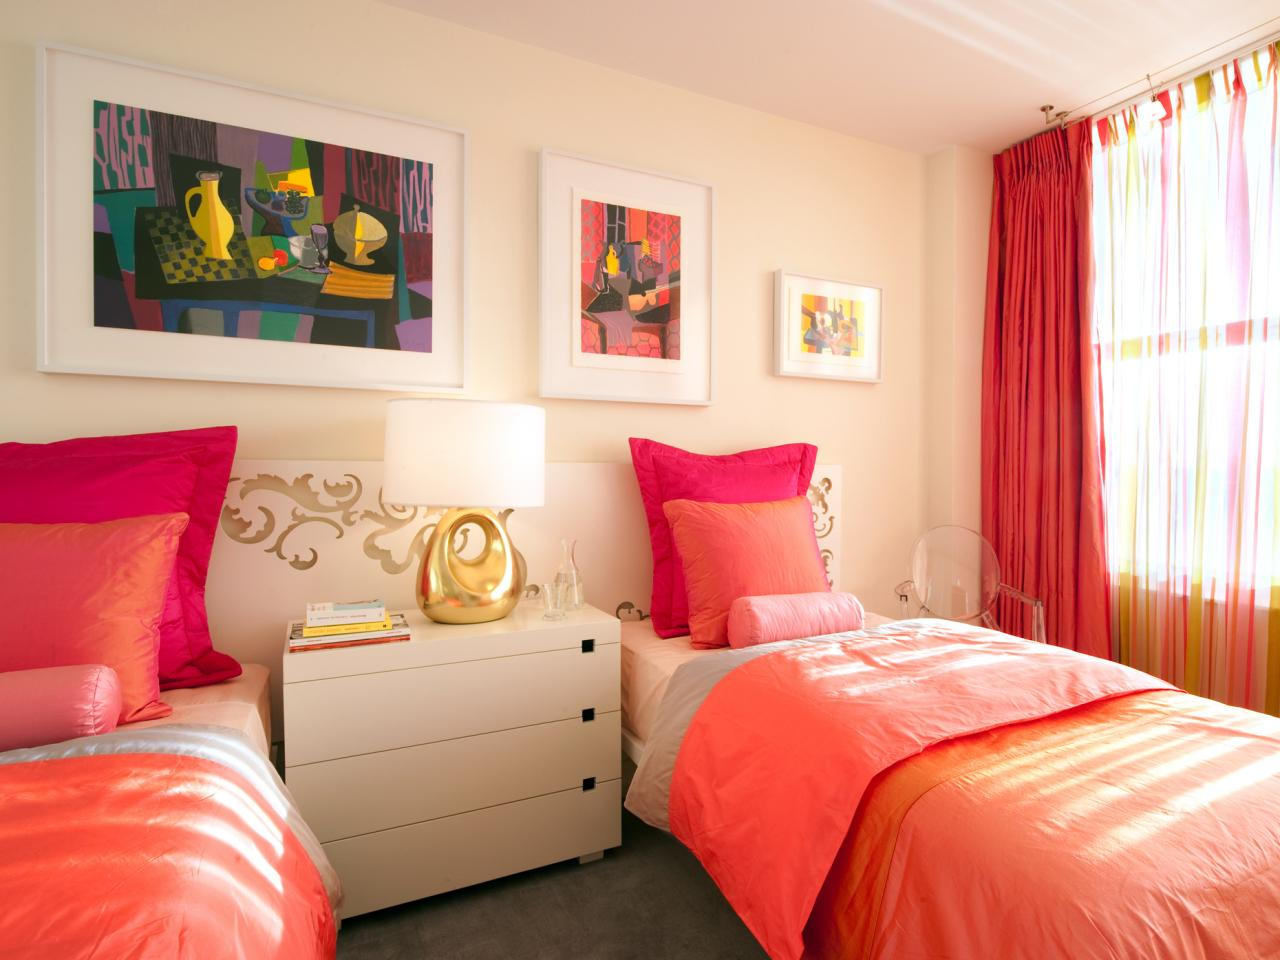 غرفة نوم أطفال مودرن 2019 بألوان زاهية تناسب ذوق الفتيات